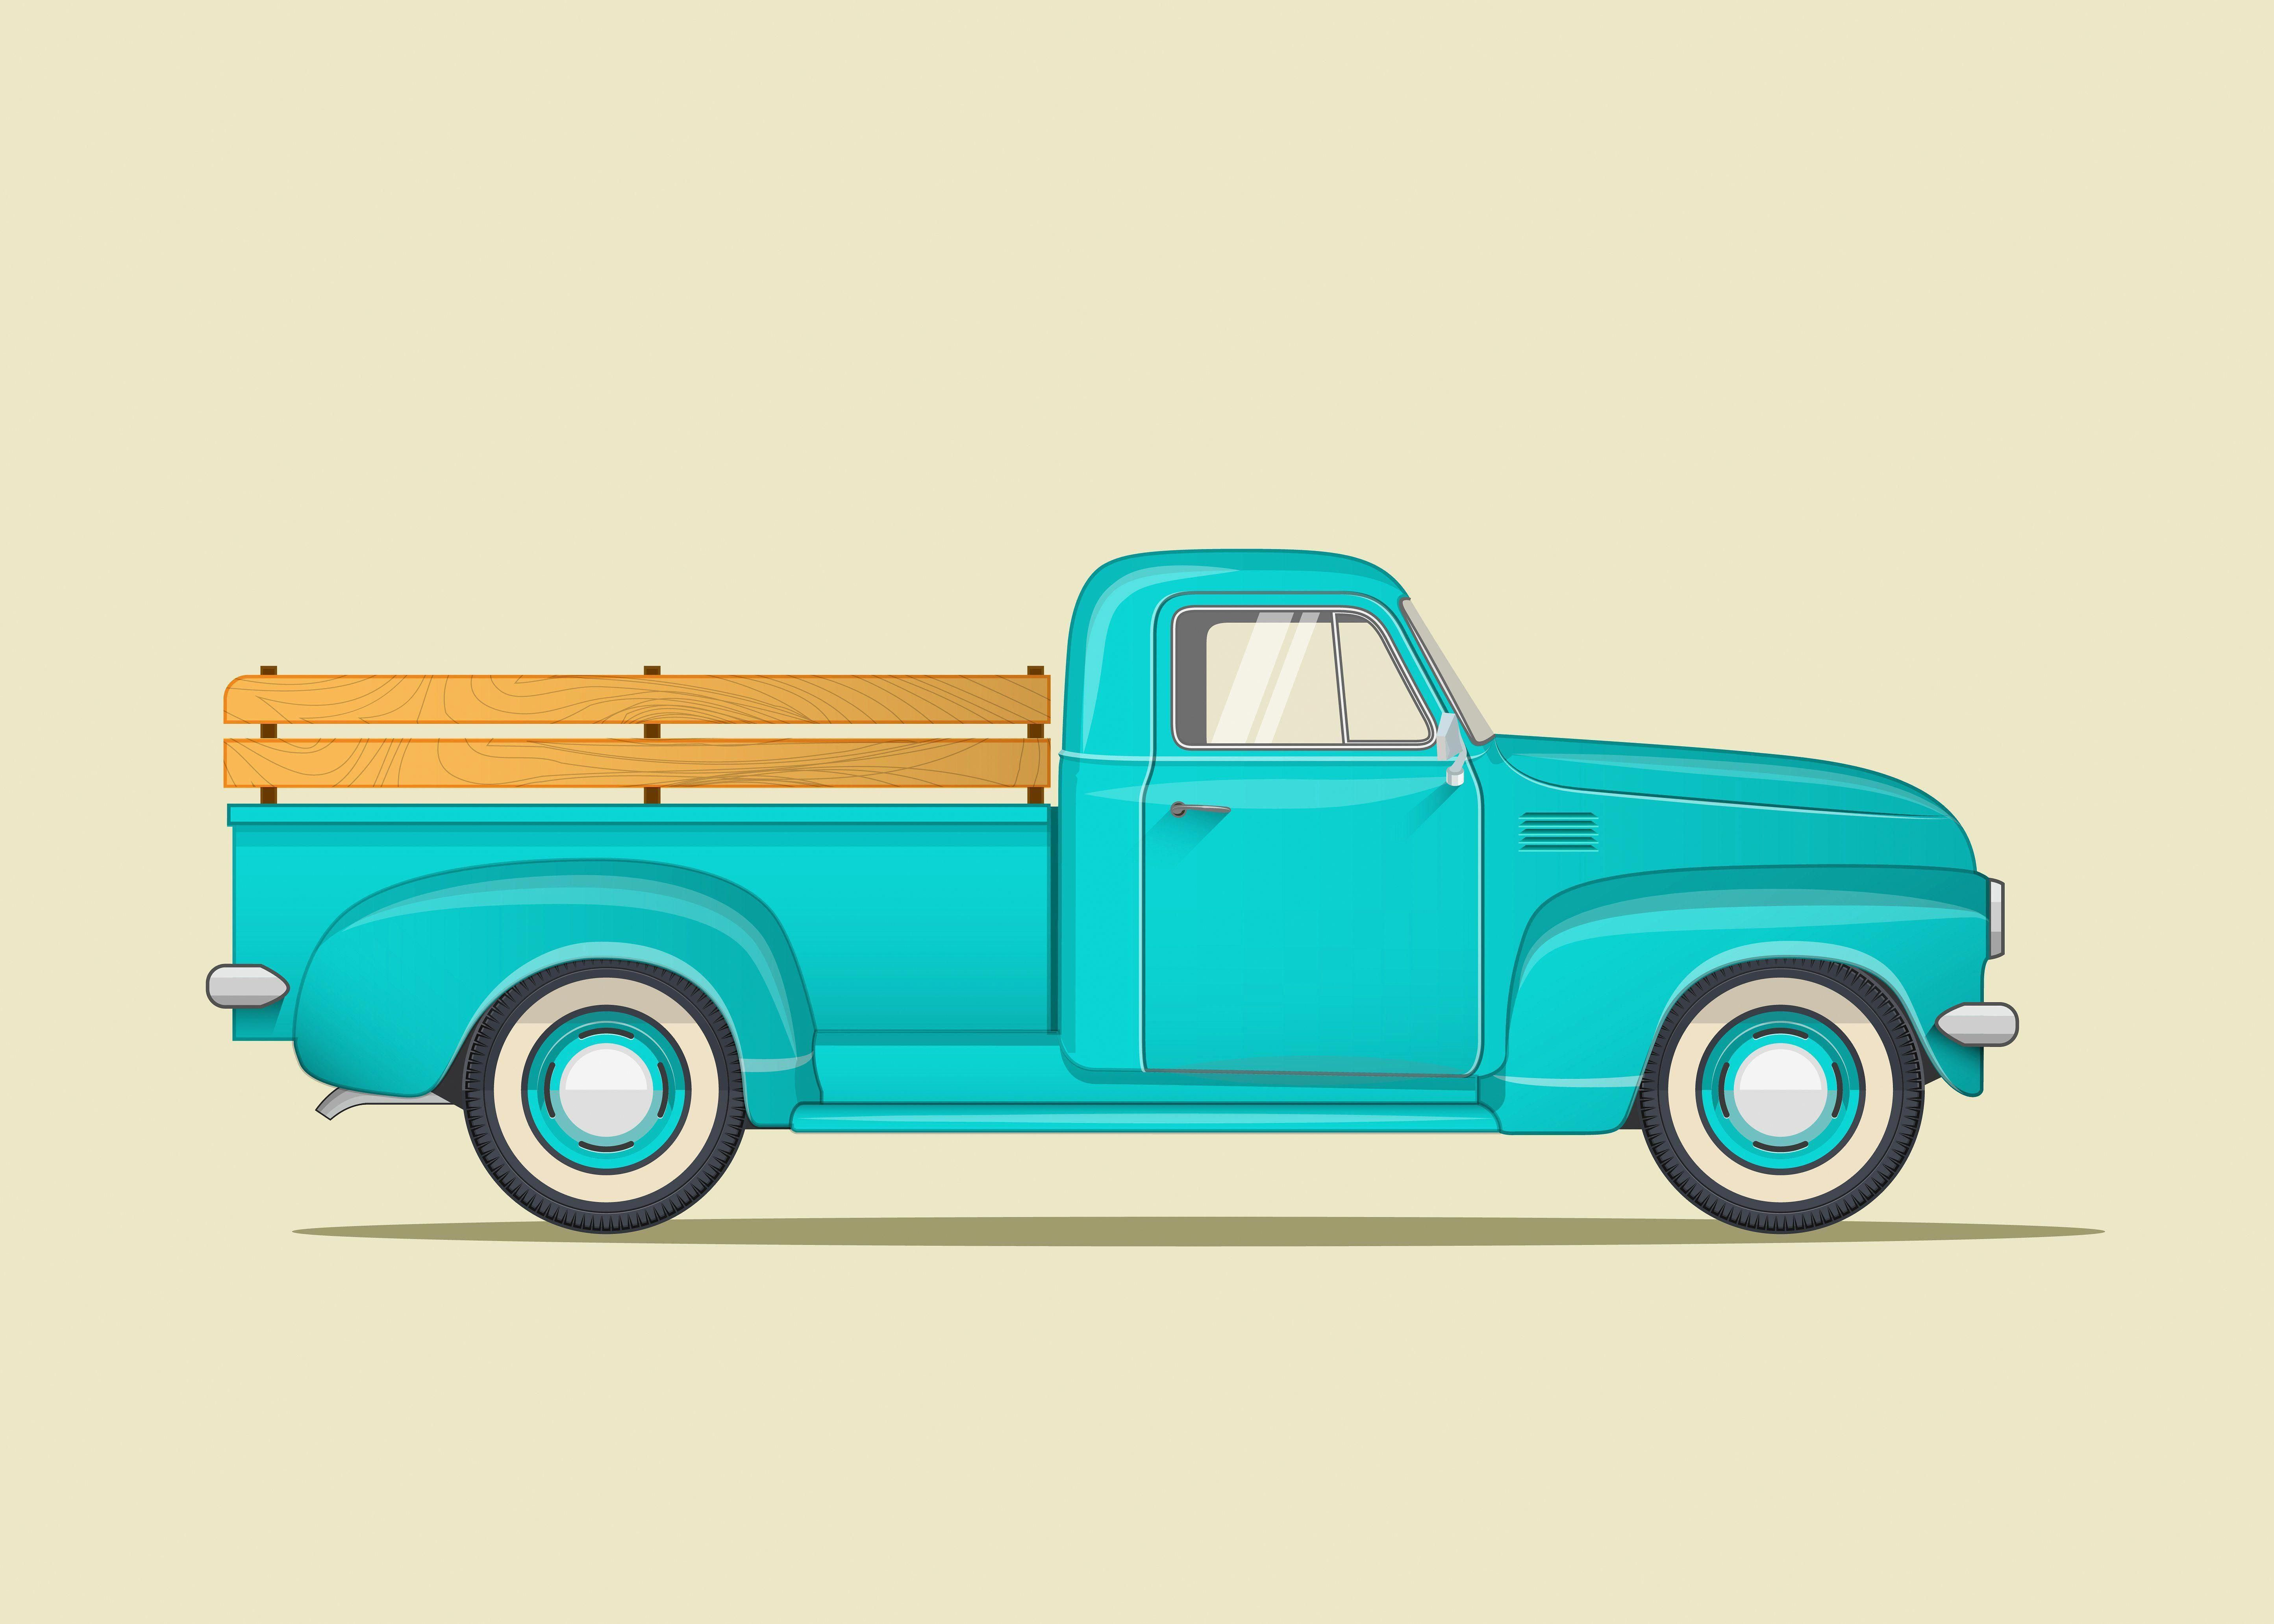 Chevy 4x4 Trucks Chevytrucks In